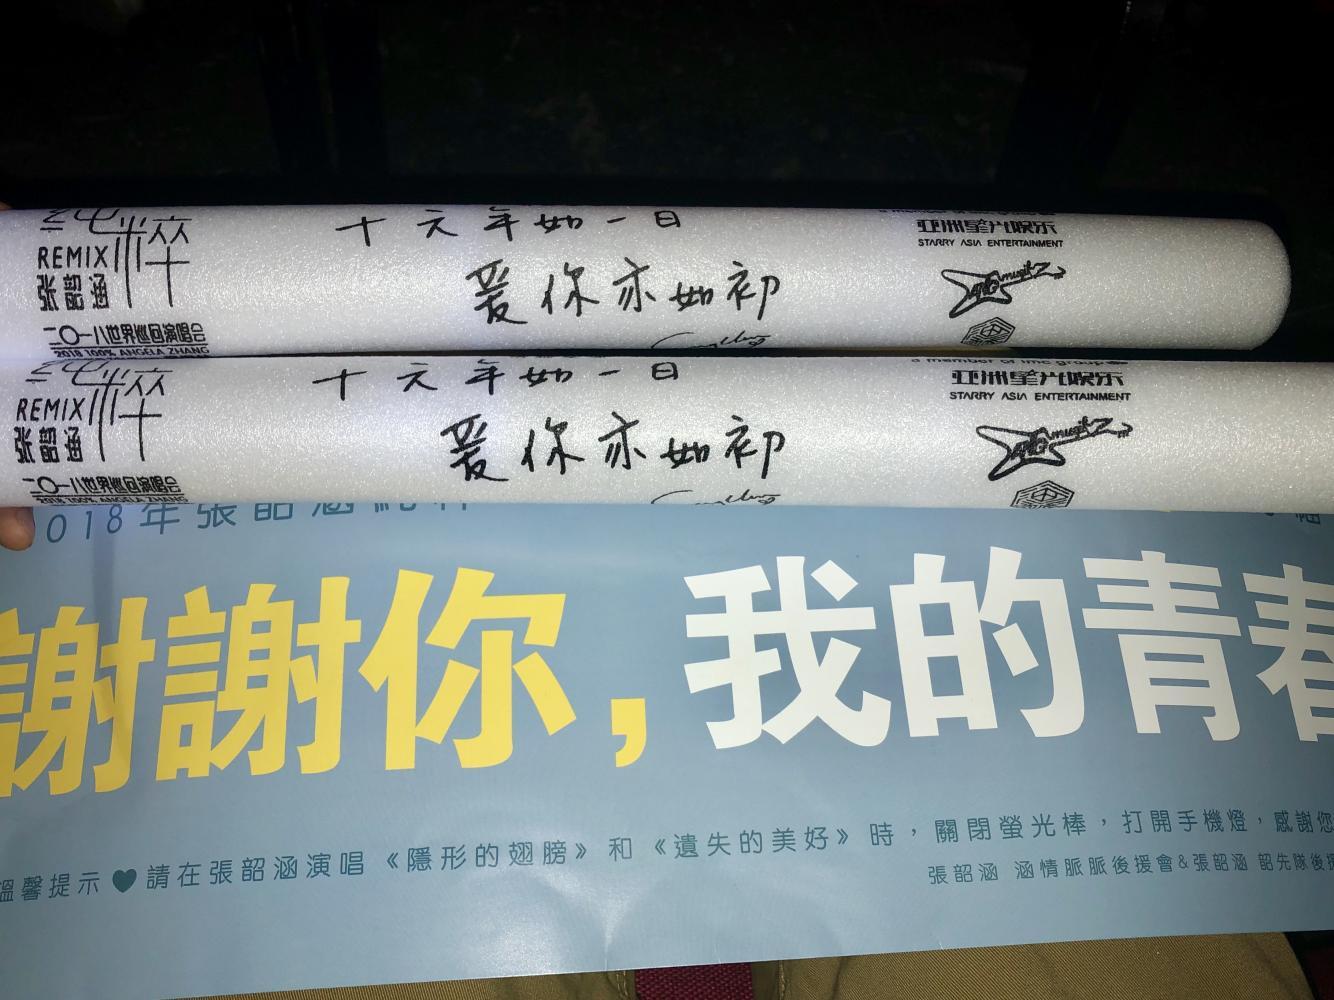 张韶涵深圳演唱会直击(&张韶涵近期的三件大事记)